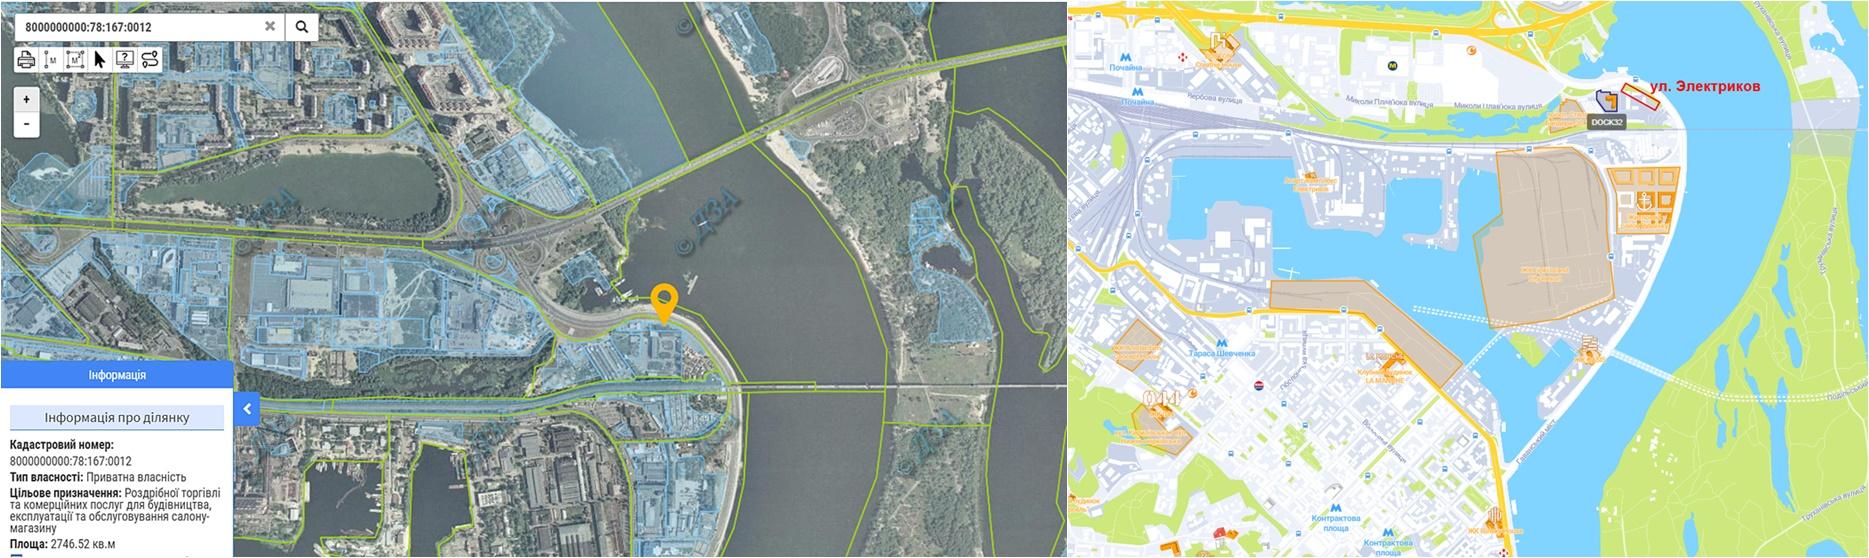 Строительство многофункционального комплекса по ул. Электриков данные кадастра и на карте